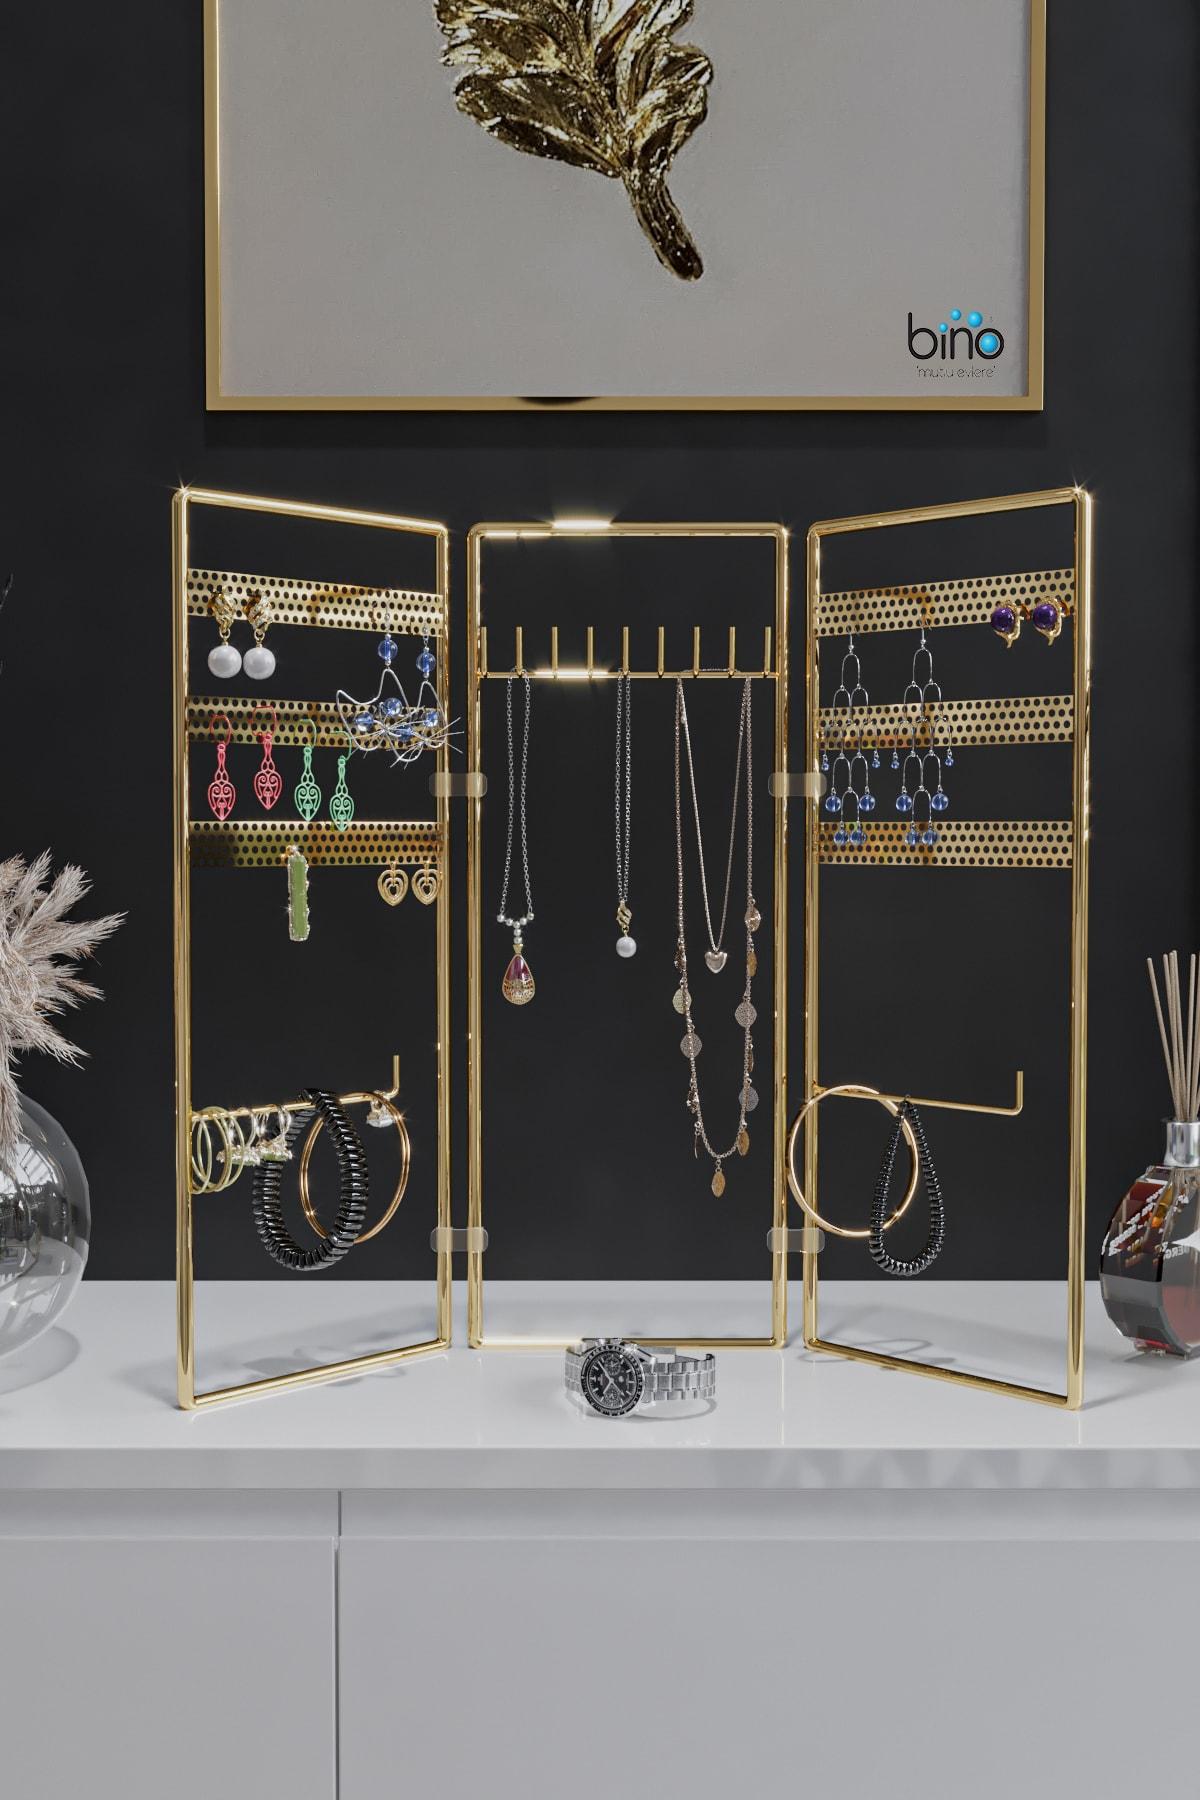 Bino Gold Altın 3'lü Takı Standı, Takılık, Küpelik, Bileklik, Kolye Seti, Takı Dolabı Düzenleyici 1